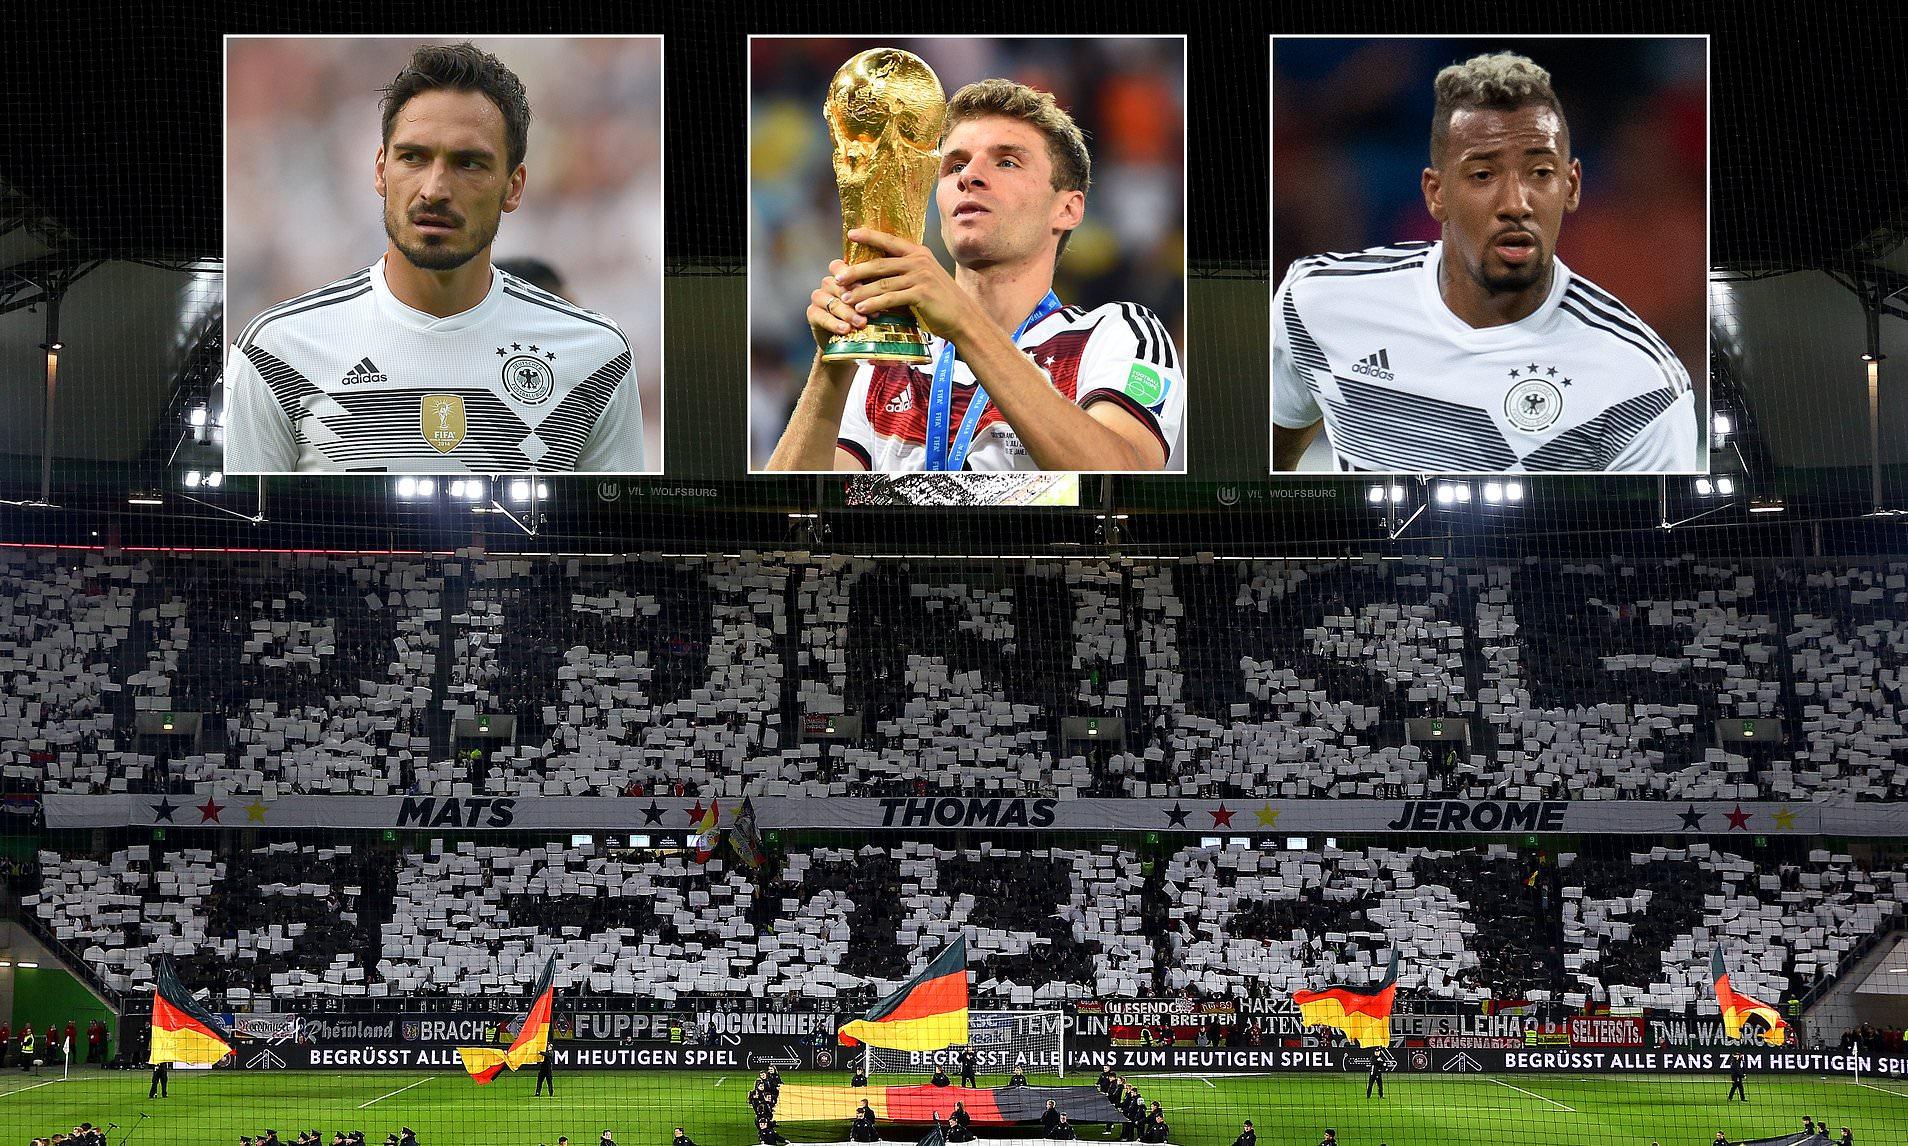 Joachim Löw được trao quyền để mang Thomas Müller, Jerome Boateng và Mats Hummels trở lại ĐT Đức